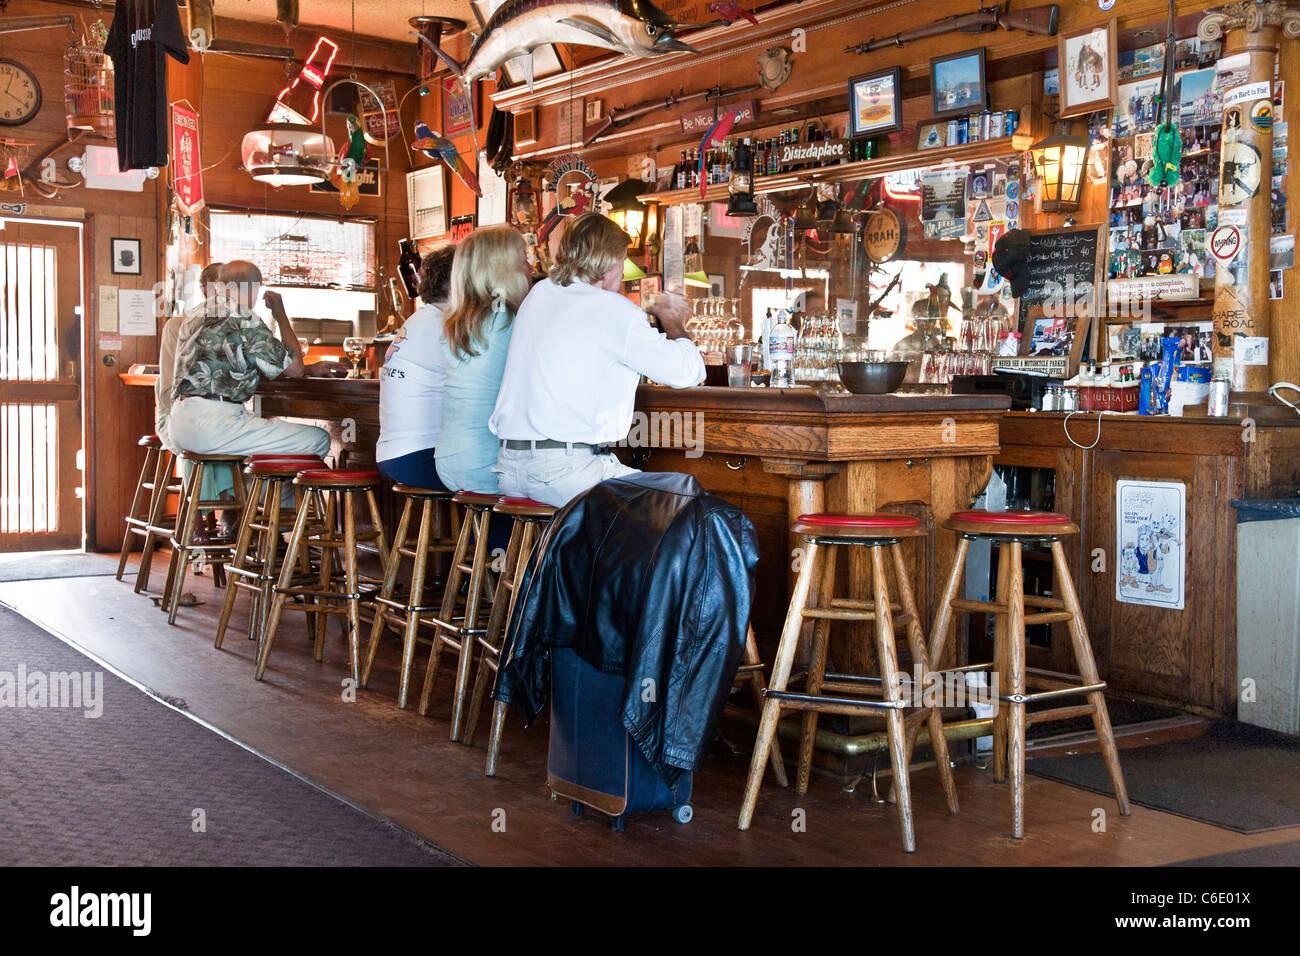 Personas Sentadas En Tallados De Madera Vintage Bar